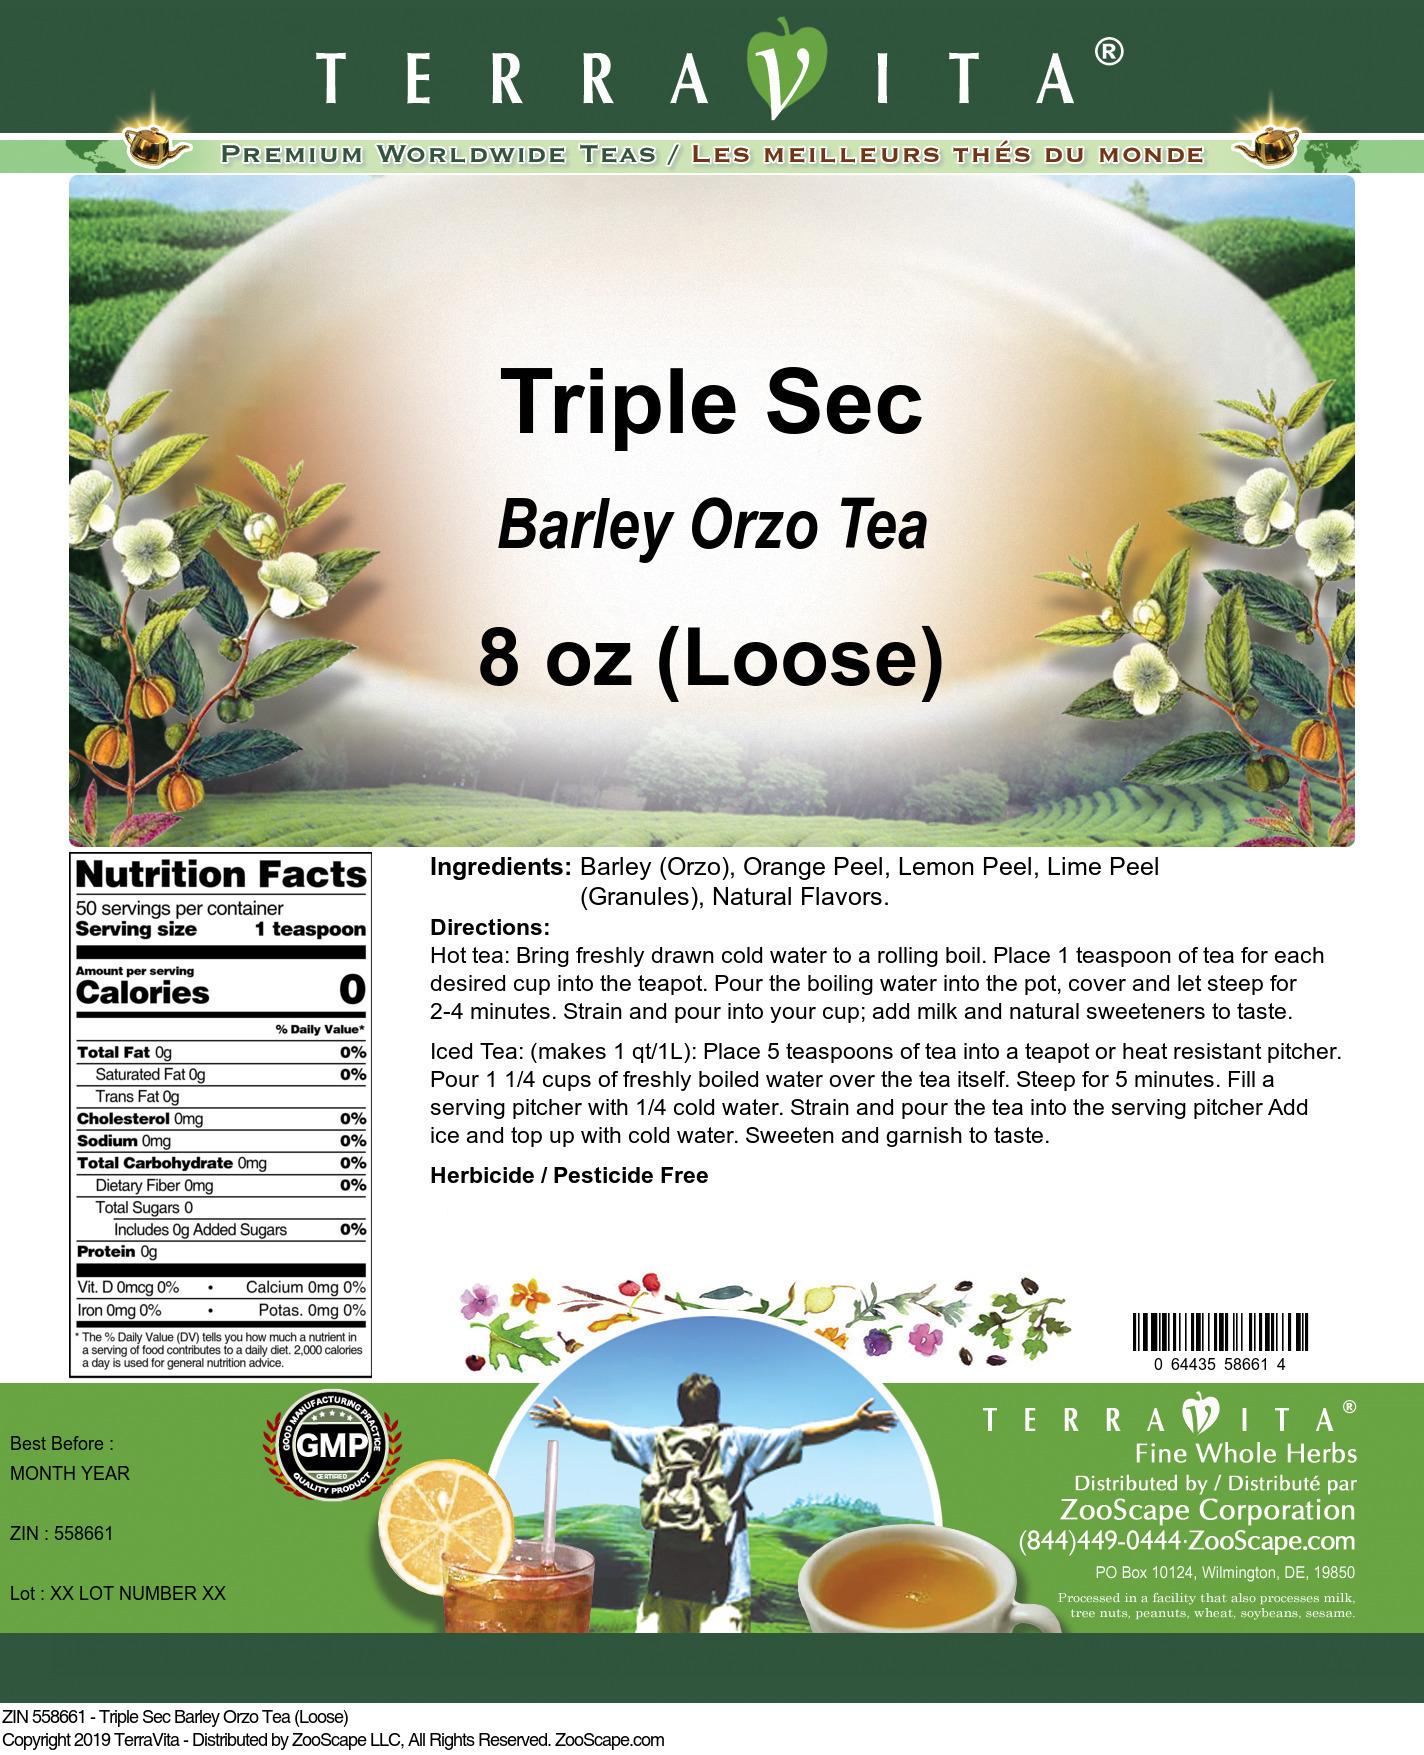 Triple Sec Barley Orzo Tea (Loose)